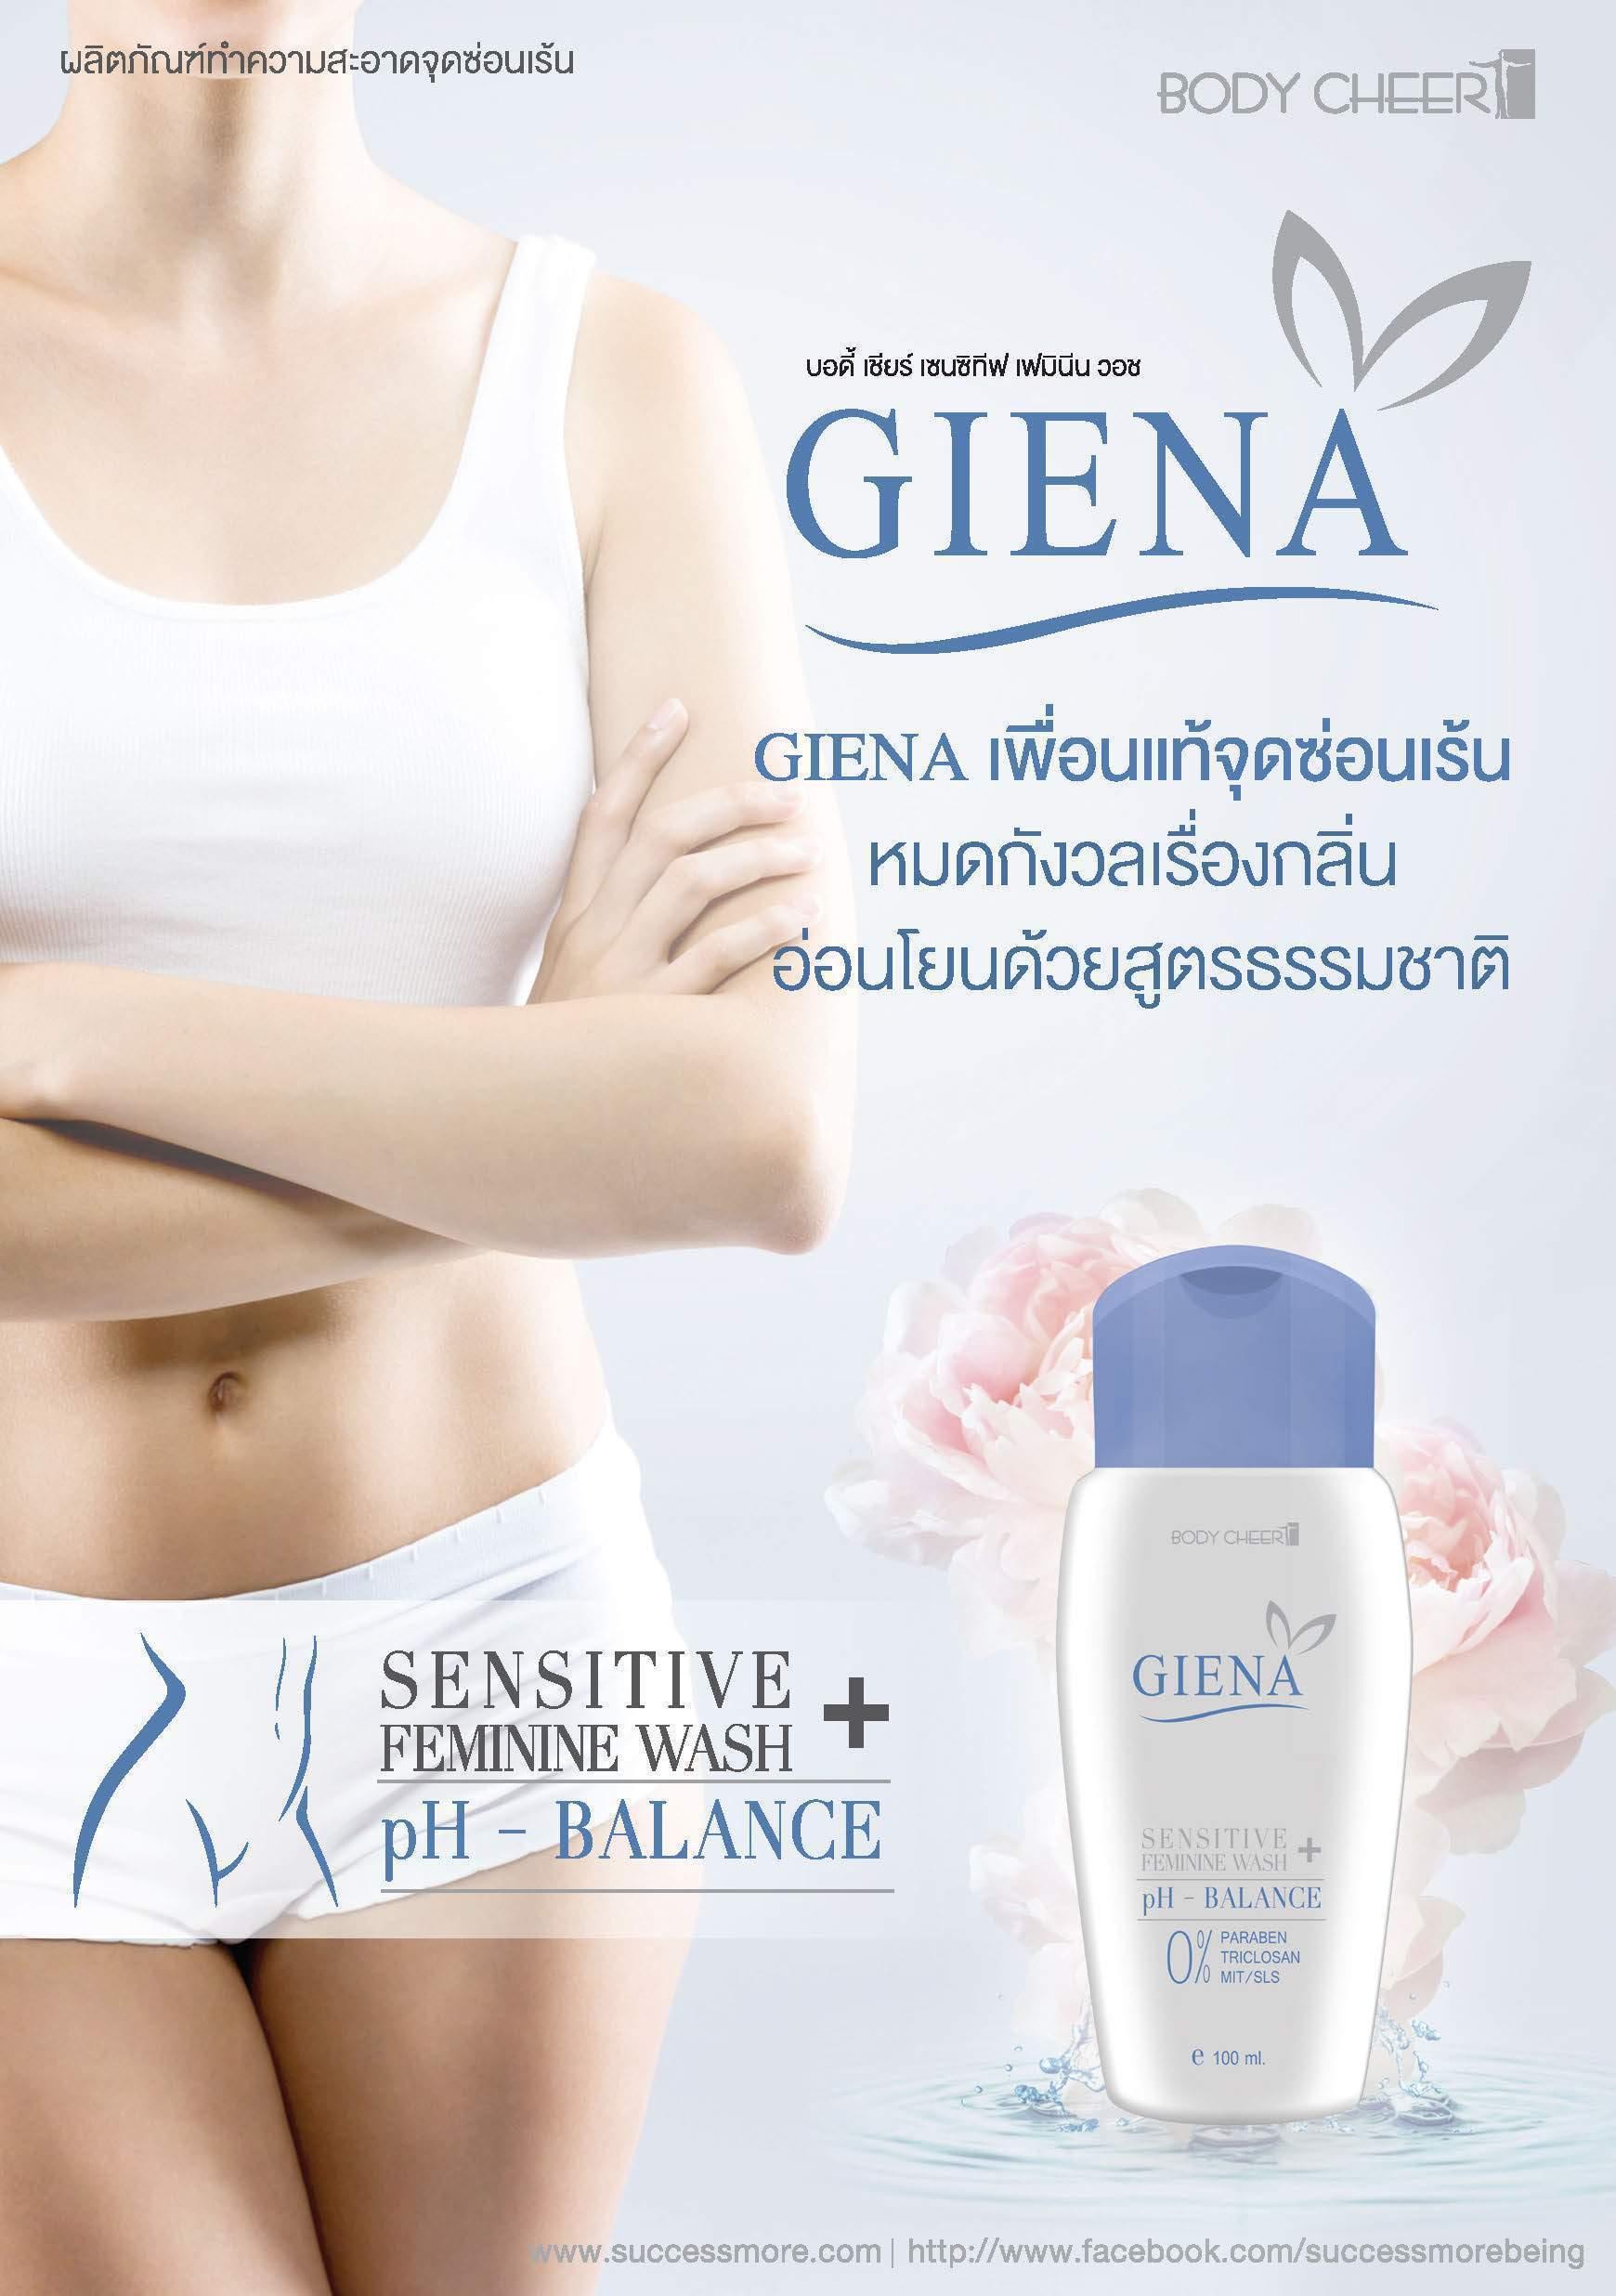 GIENA (จีน่า) ผลิตภัณฑ์ทำความสะอาดจุดซ่อนเร้น-1